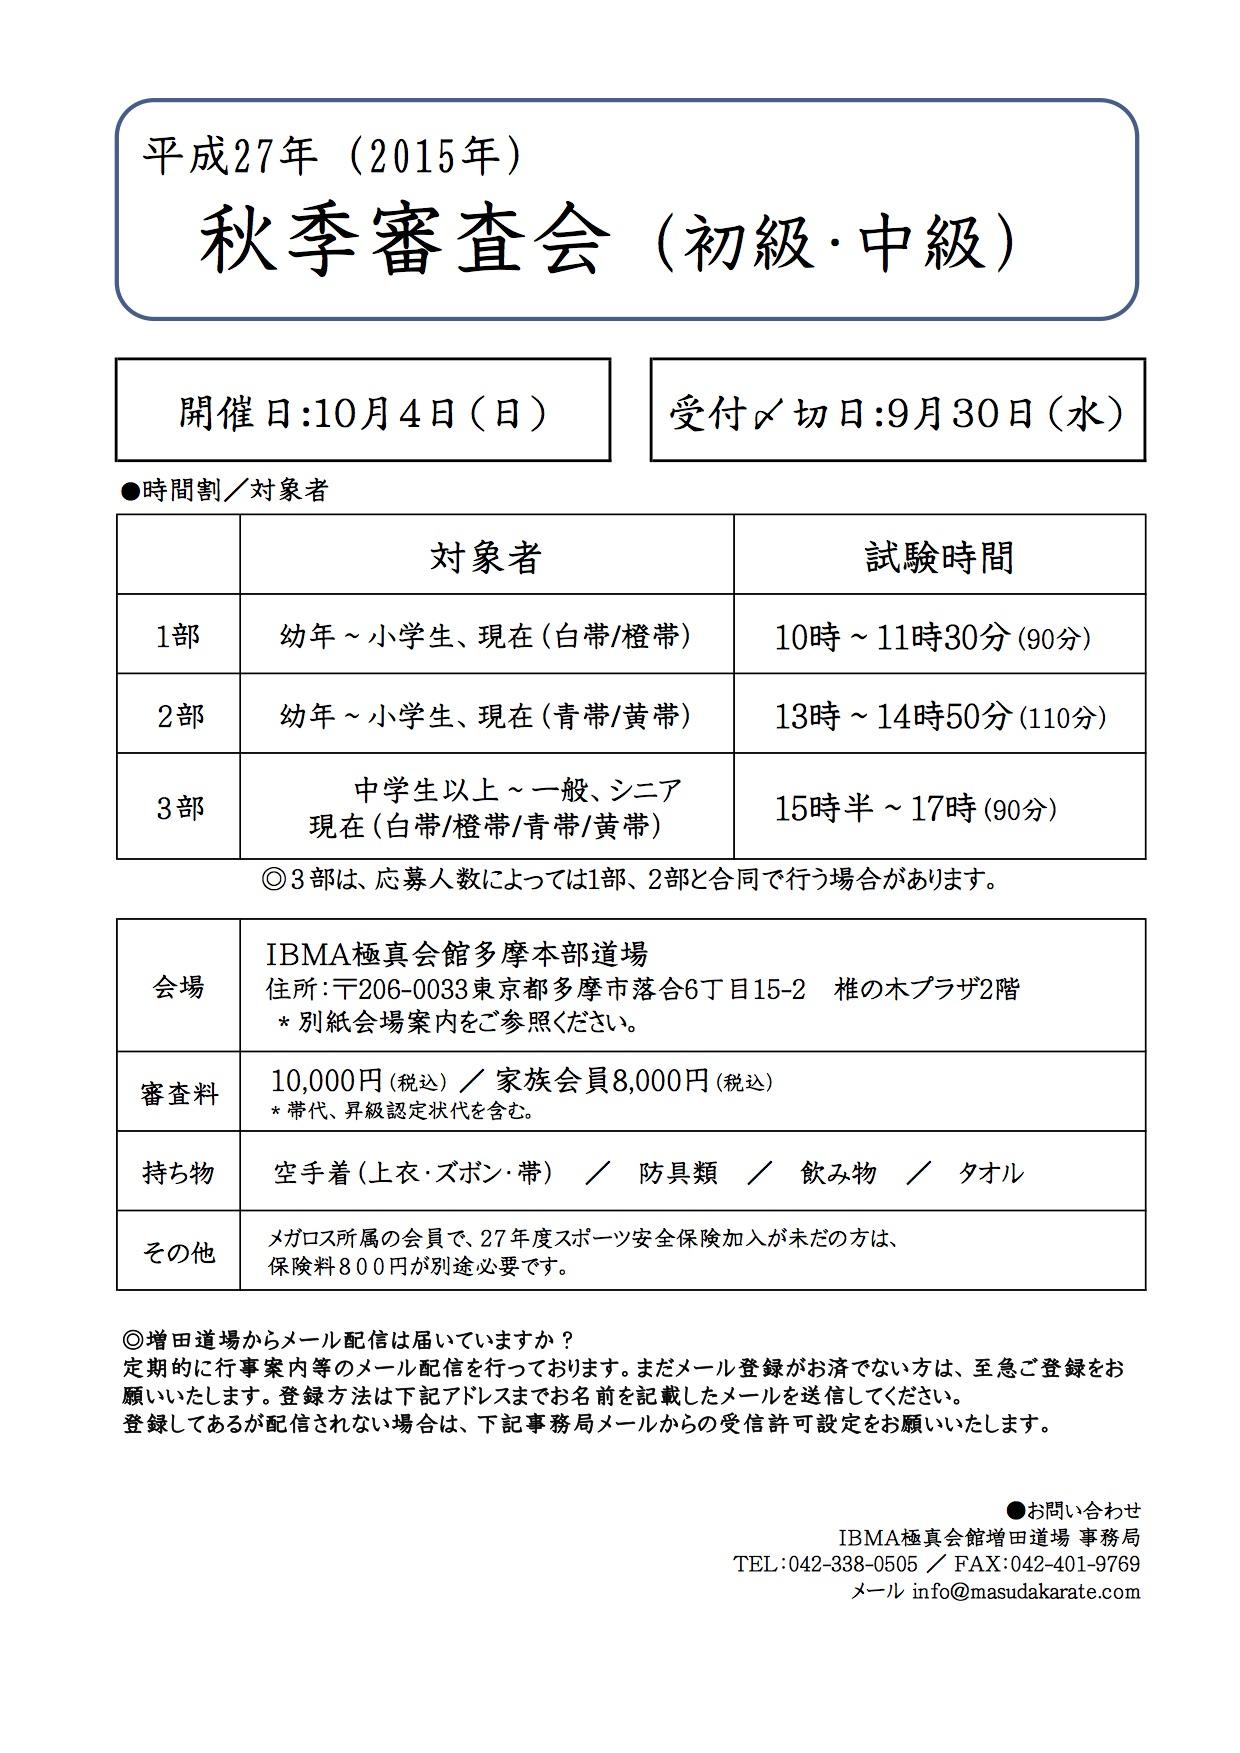 2015年 秋 初級中級審査 告知 申込み綴り-2 のコピー 2